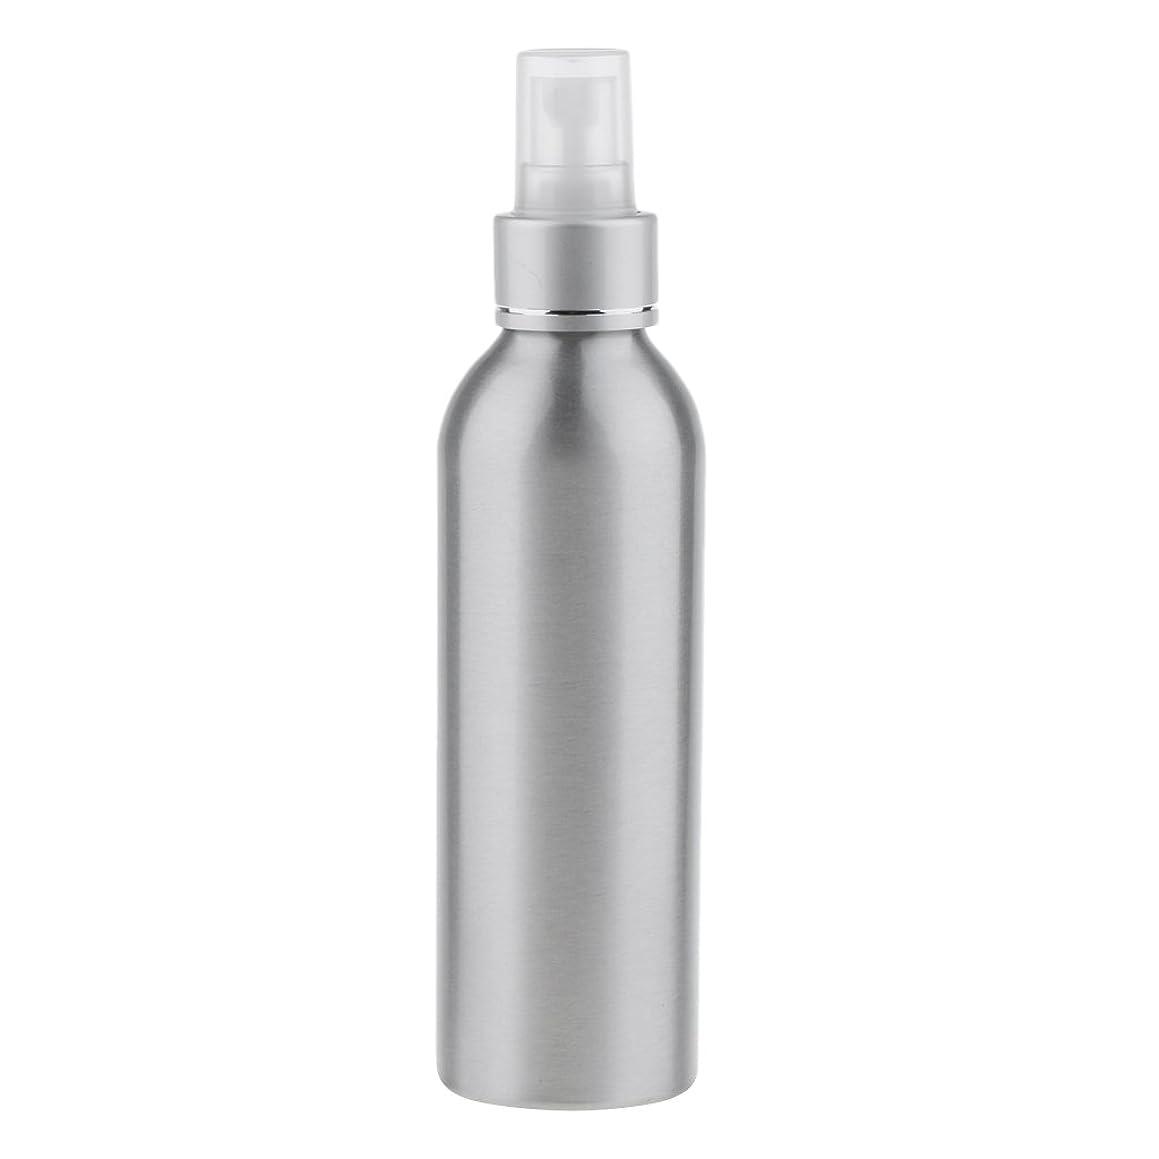 やがて市民汚すBlesiya スプレーボトル 空ボトル アルミ 詰め替え可 微細ミスト 噴霧器 香水 アトマイザーボトル 2サイズ選べる - 150ml